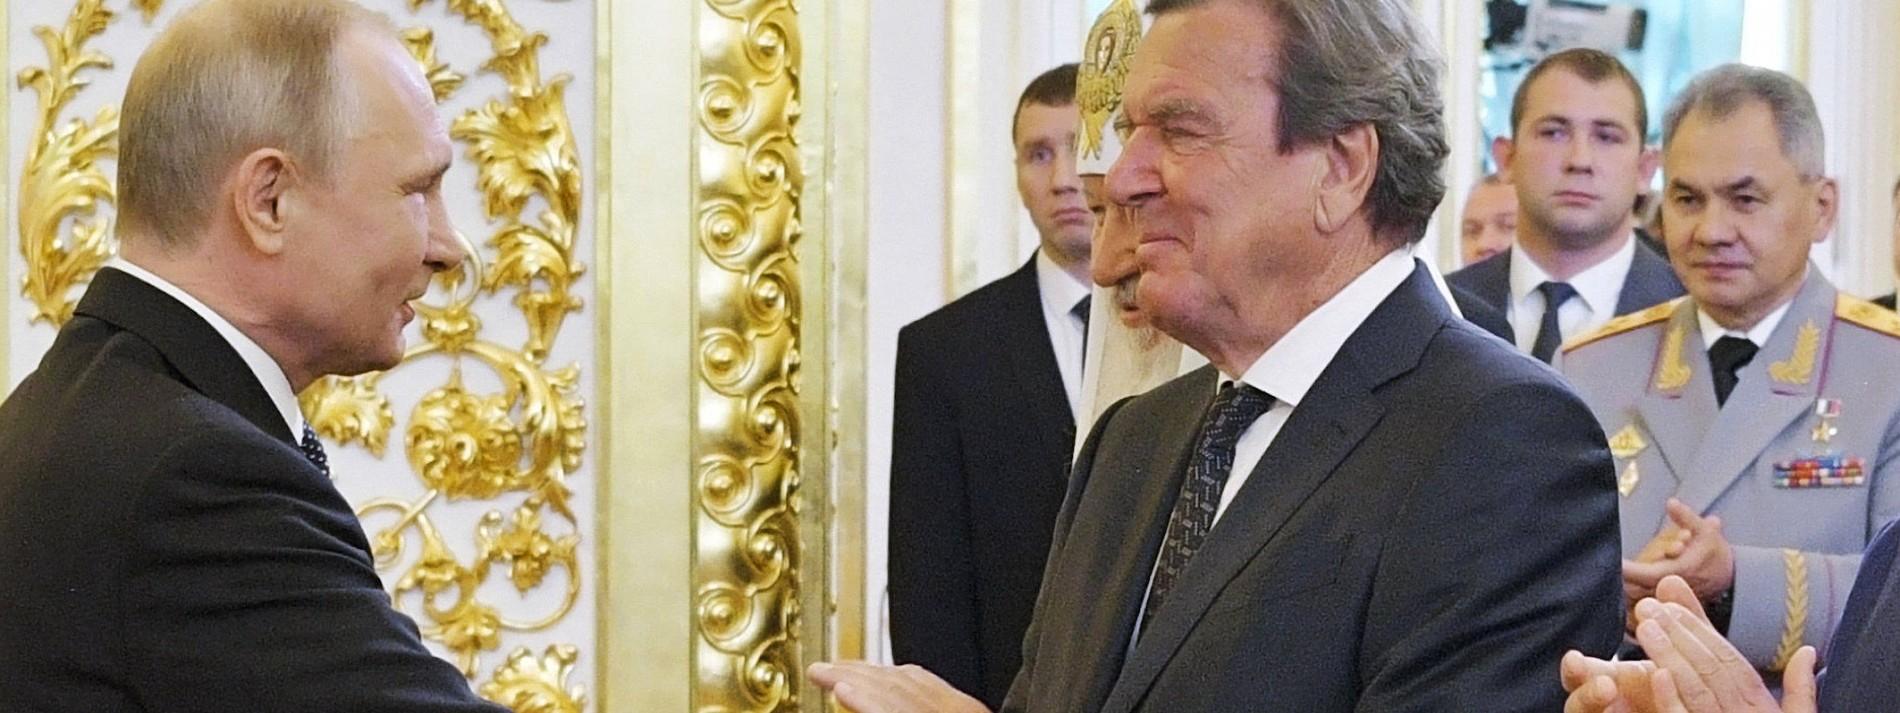 """Röttgen: """"Schröders Verhalten erfüllt viele Deutsche mit Scham"""""""